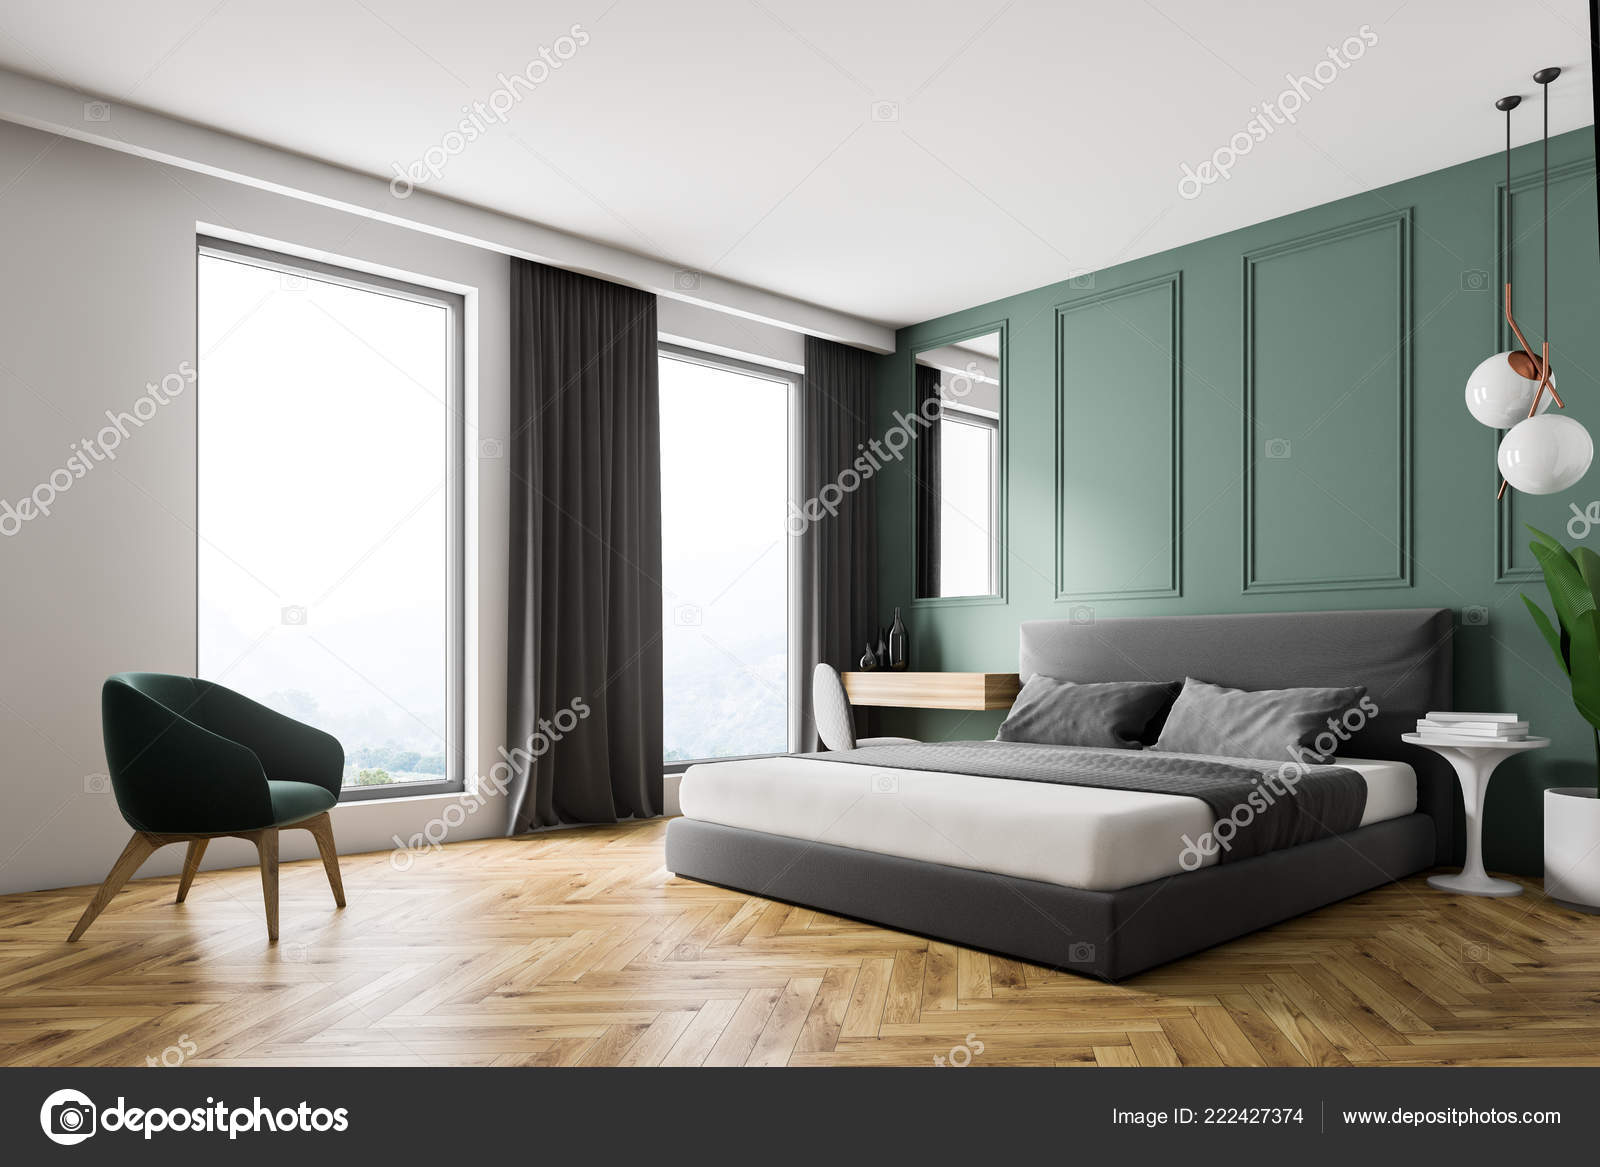 Corner Modern Bedroom Green Walls Wooden Floor Gray Master ...